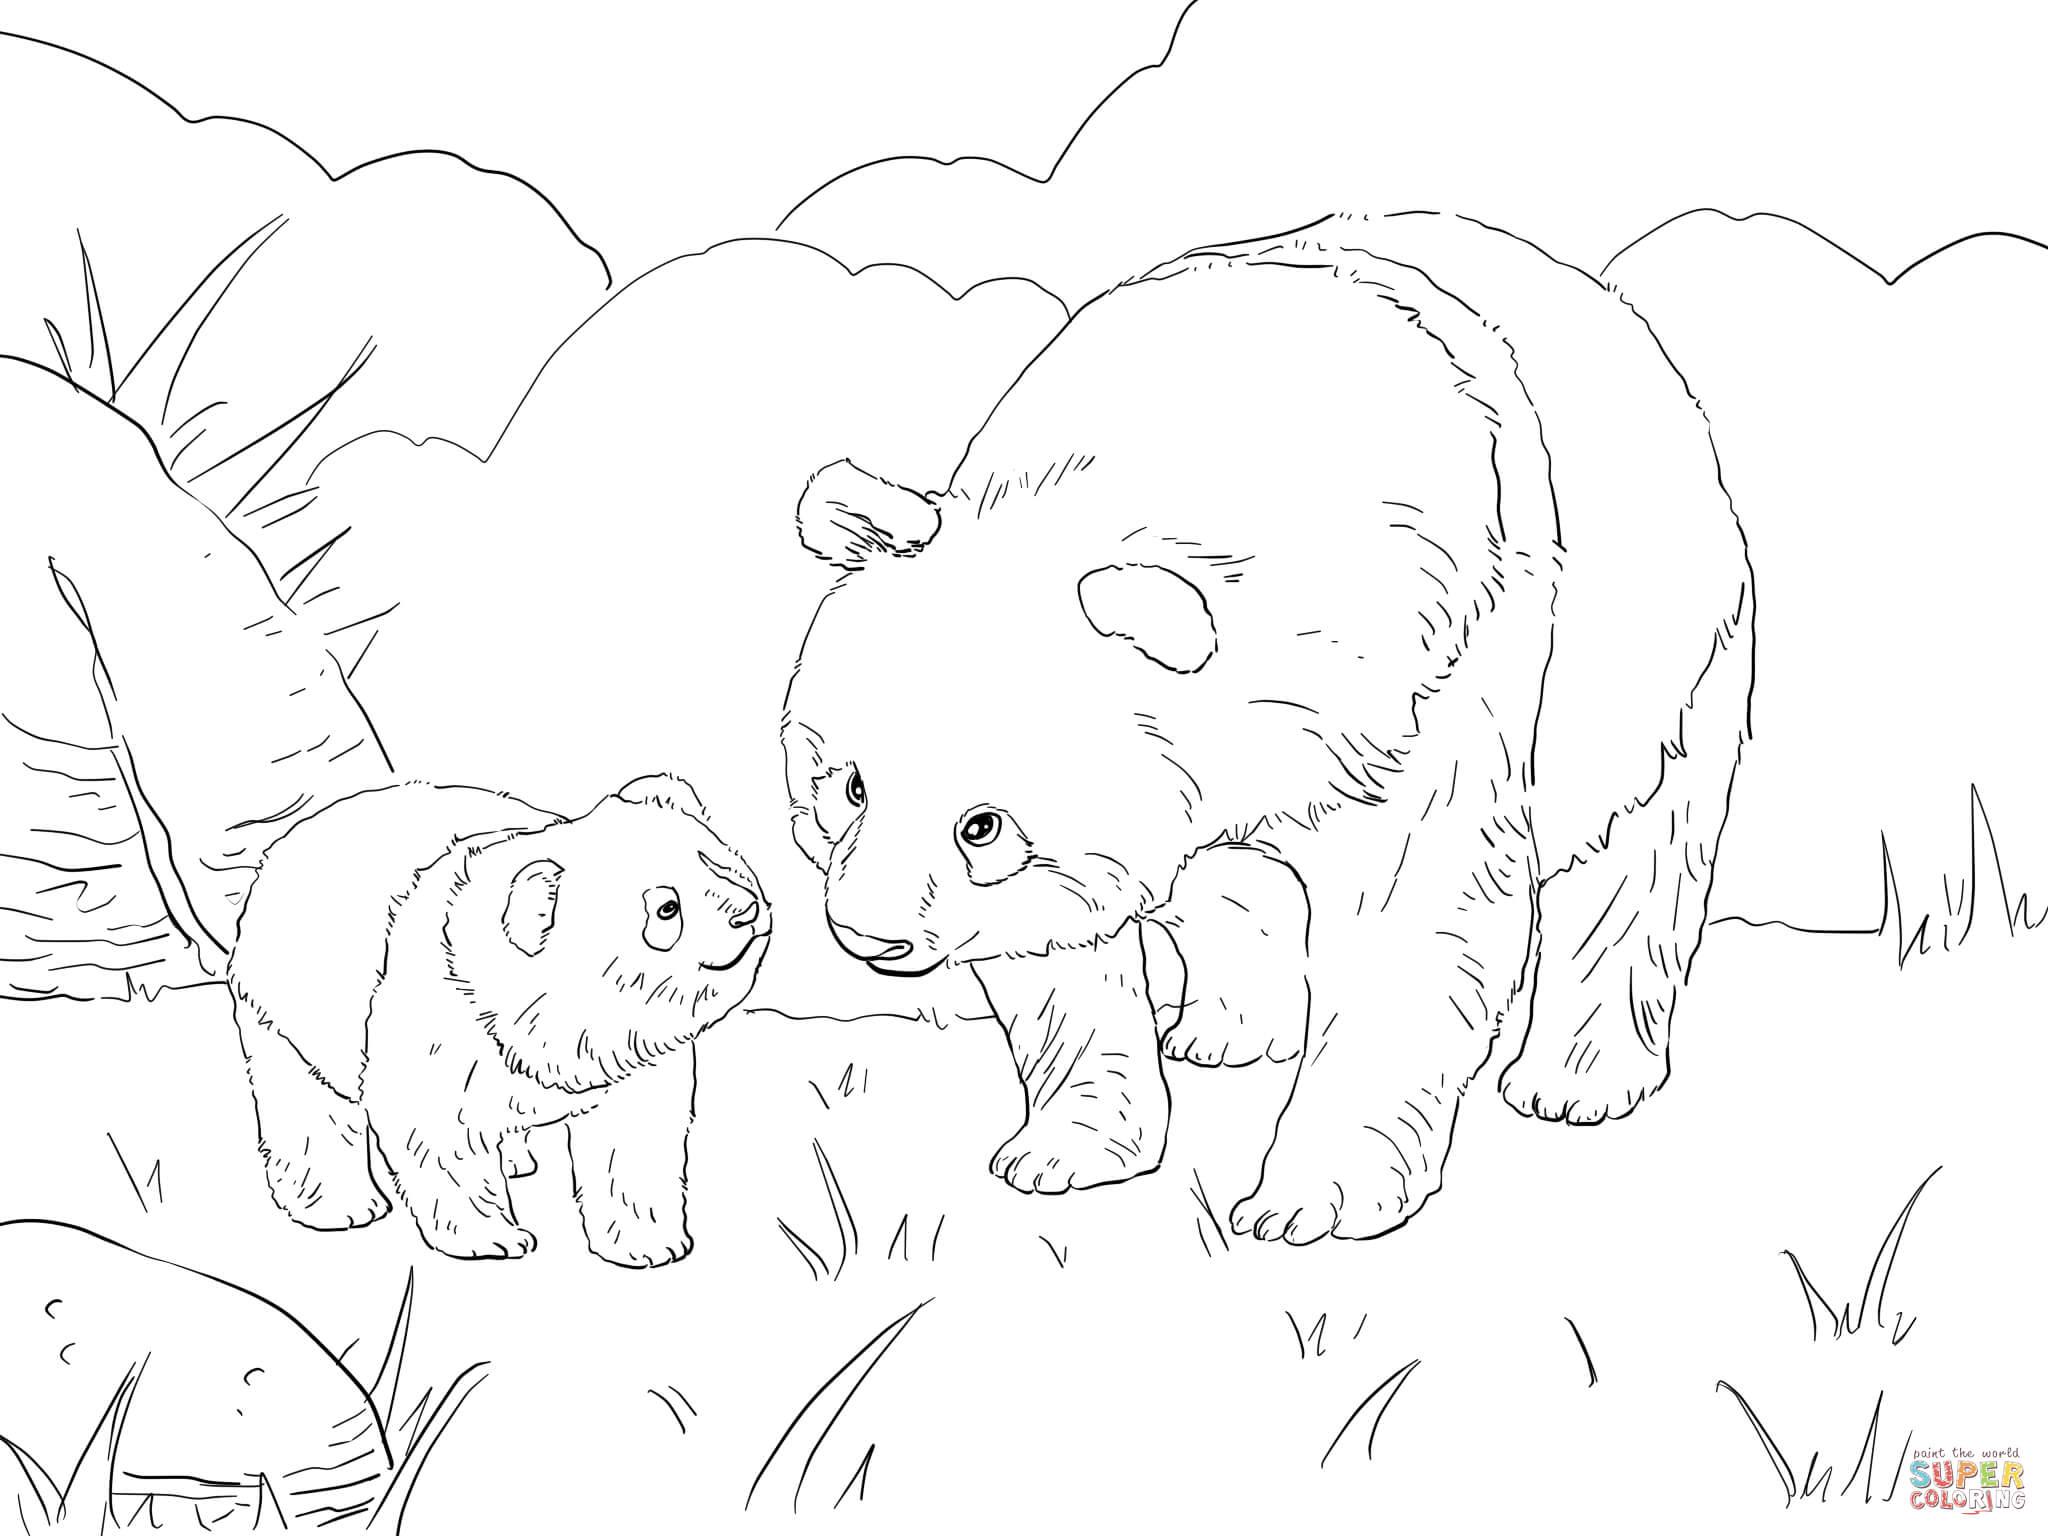 12 dessins de coloriage panda g ant imprimer - Coloriage panda ...